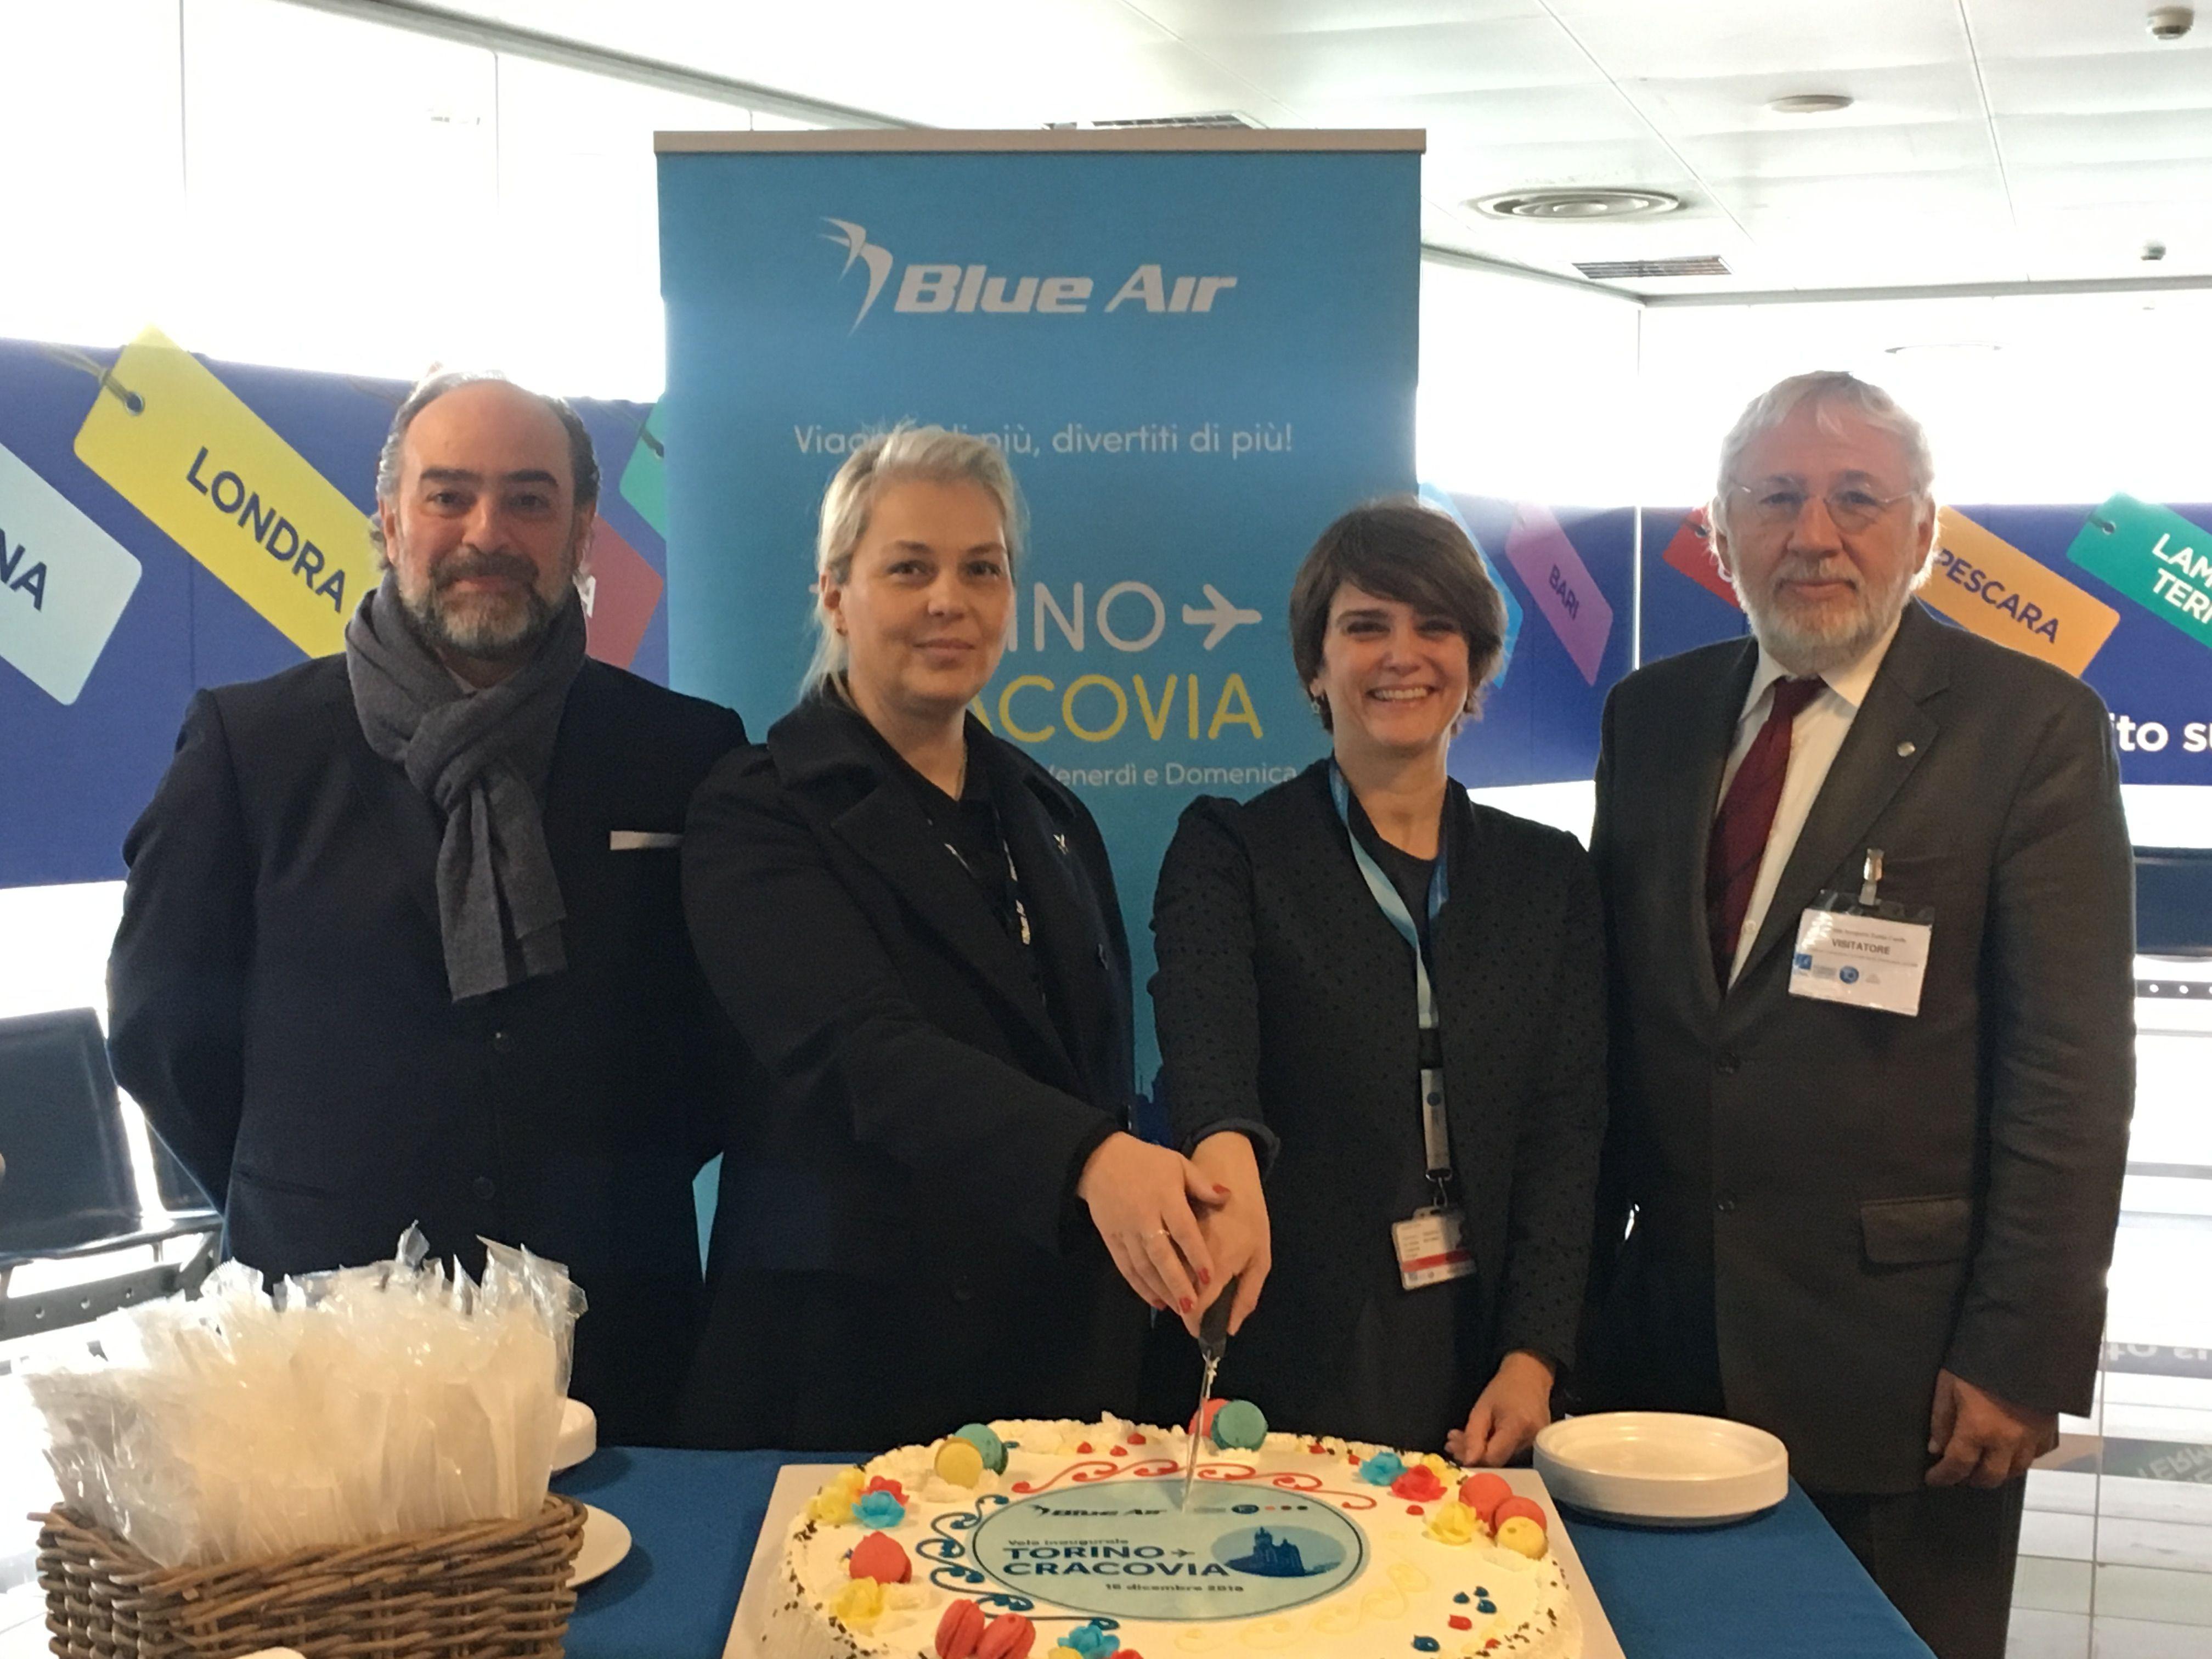 CASELLE - Blue Air ha inaugurato il nuovo volo per Cracovia